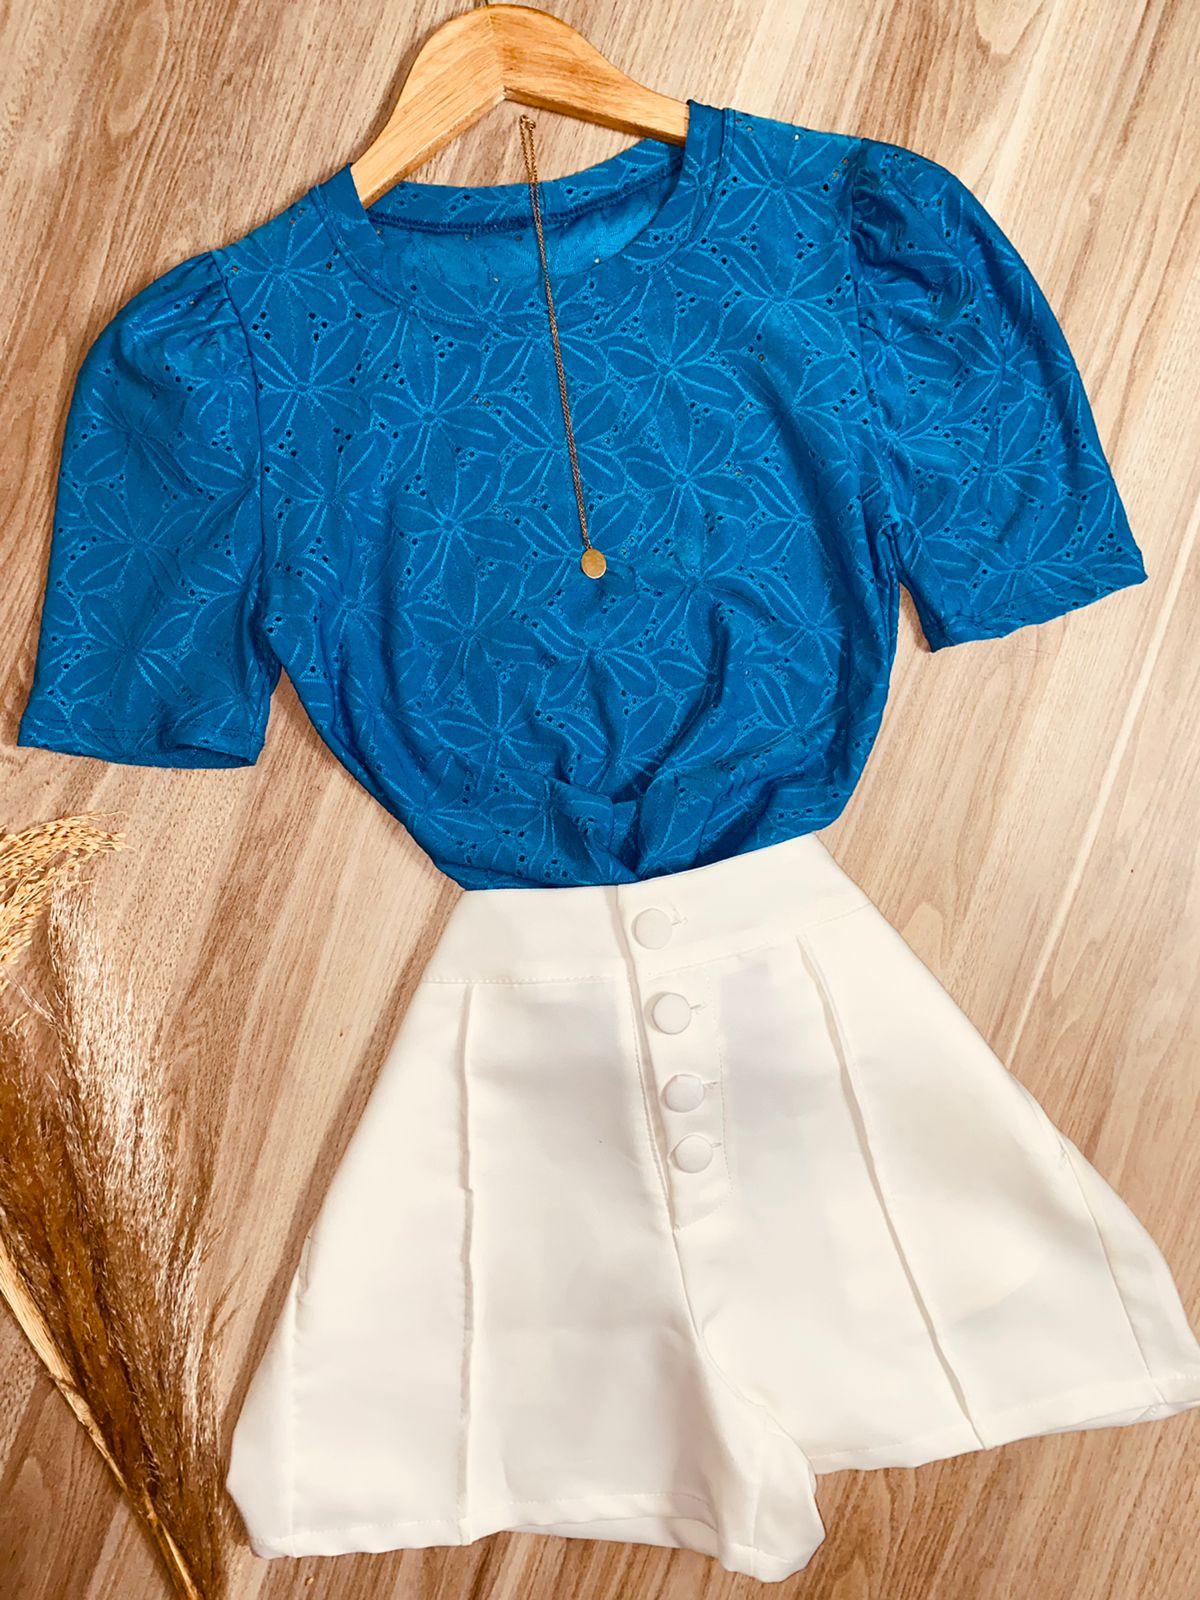 Blusa Manguinha Princesa Azul